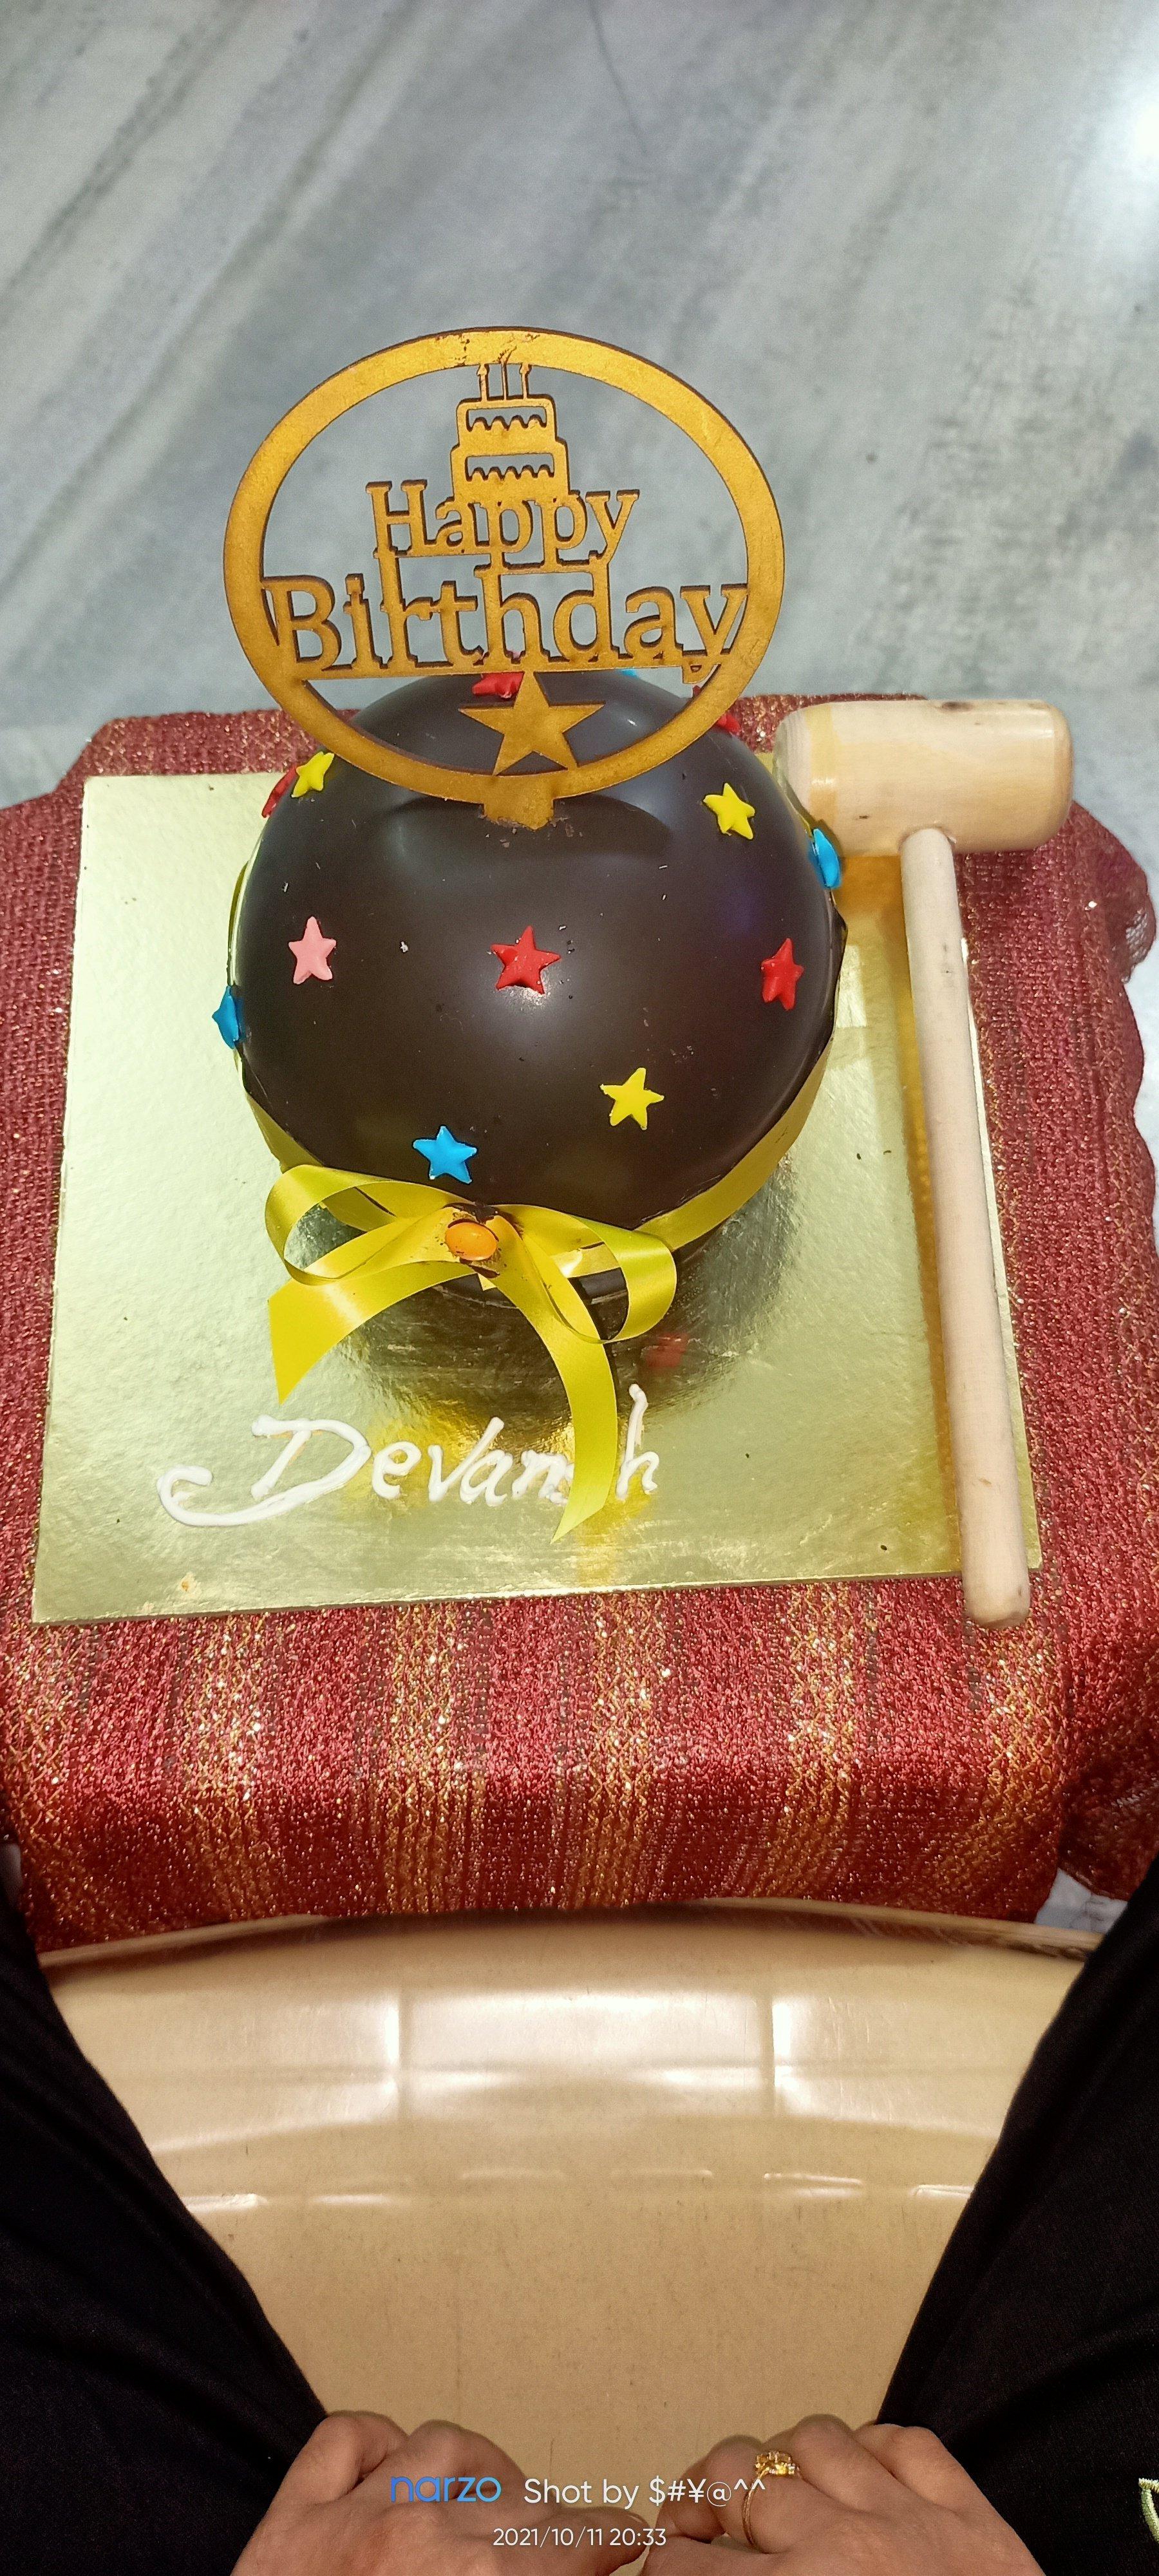 Birthday Chocolate Overload Pinata Cake (750 gm)